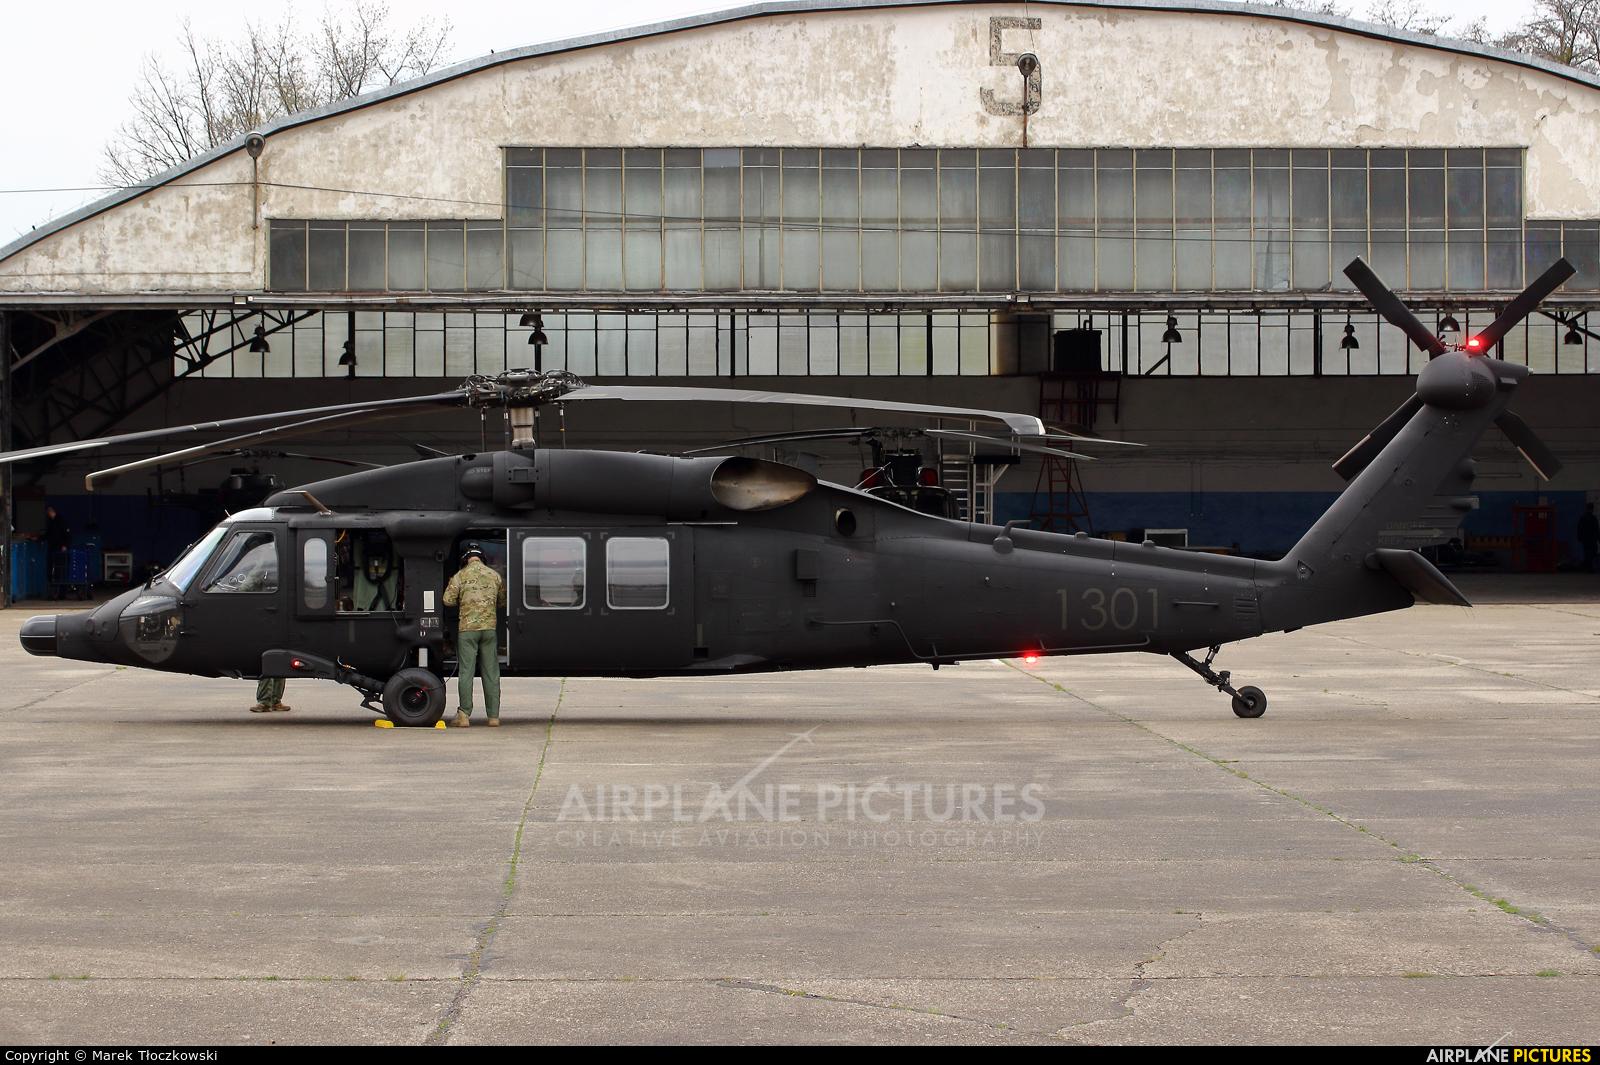 Poland - Air Force 1301 aircraft at Warsaw - Babice